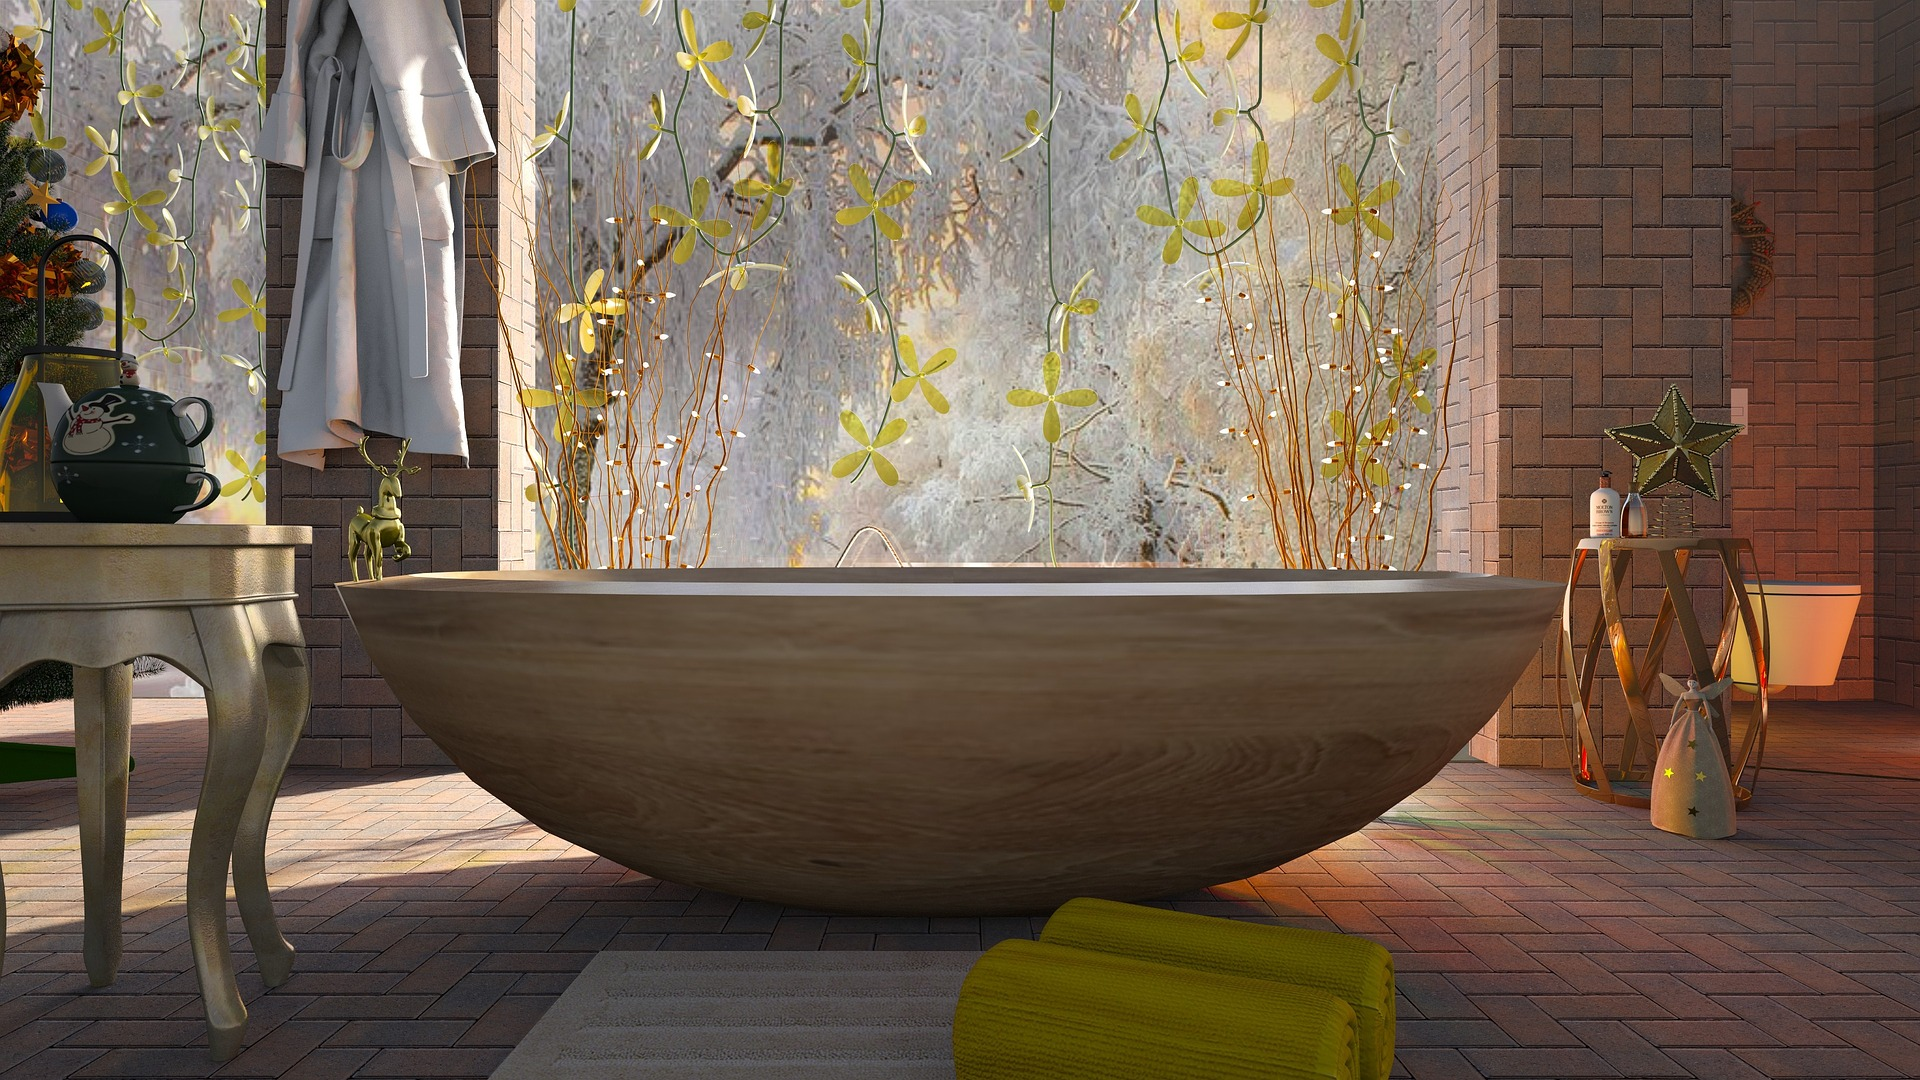 Vasca da bagno in legno: relax e benessere